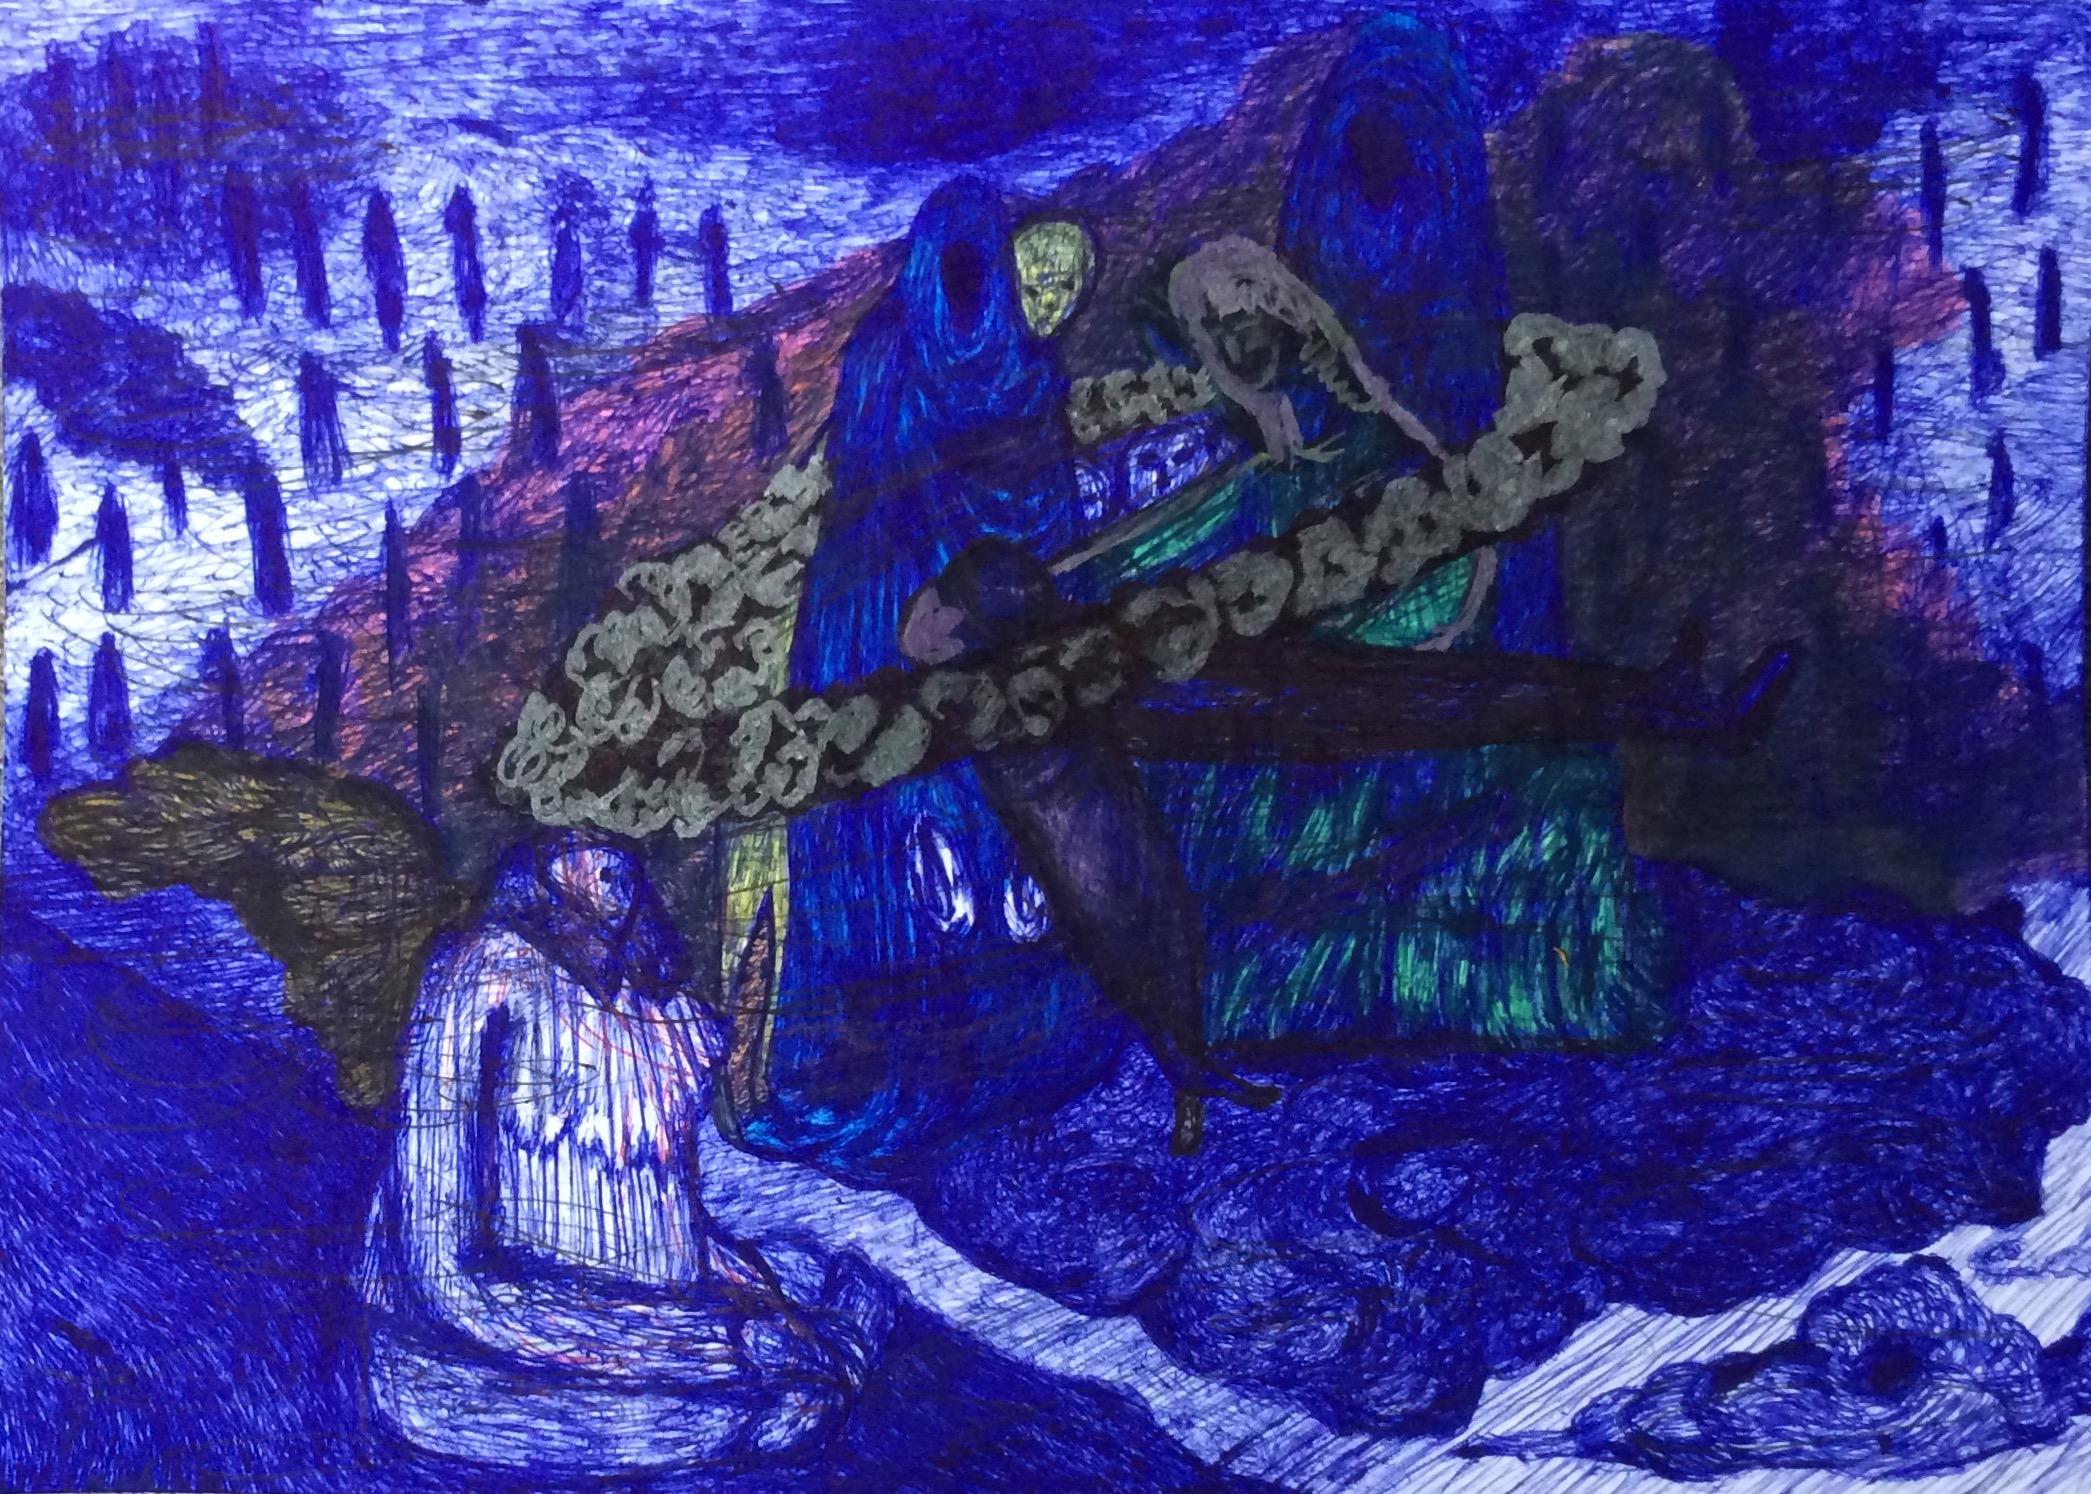 Isadora Duncan me habla 7 (2020) - Consuegra Romero